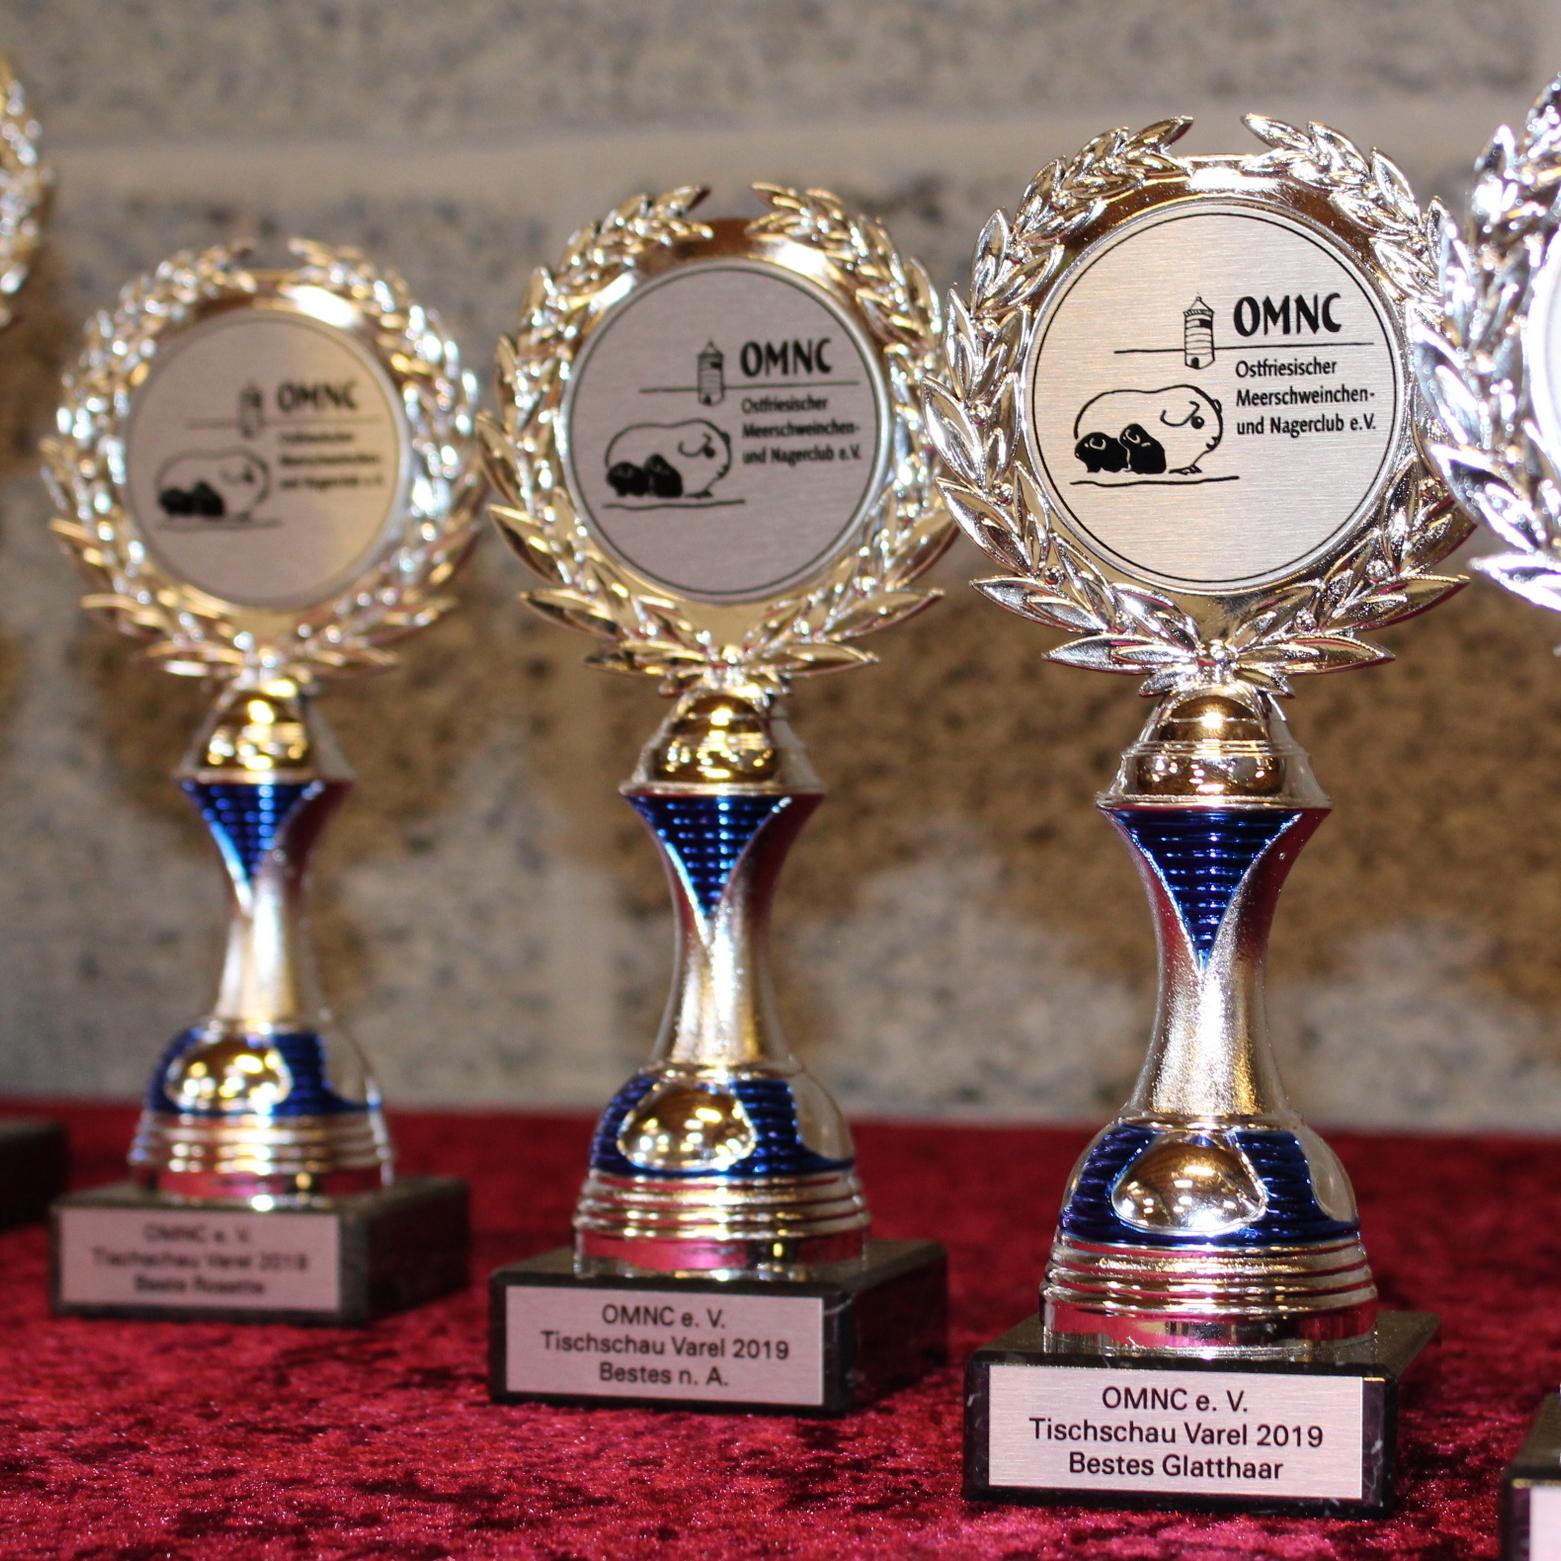 Tischschau Februar 2019 in VarelUnsere Pokale